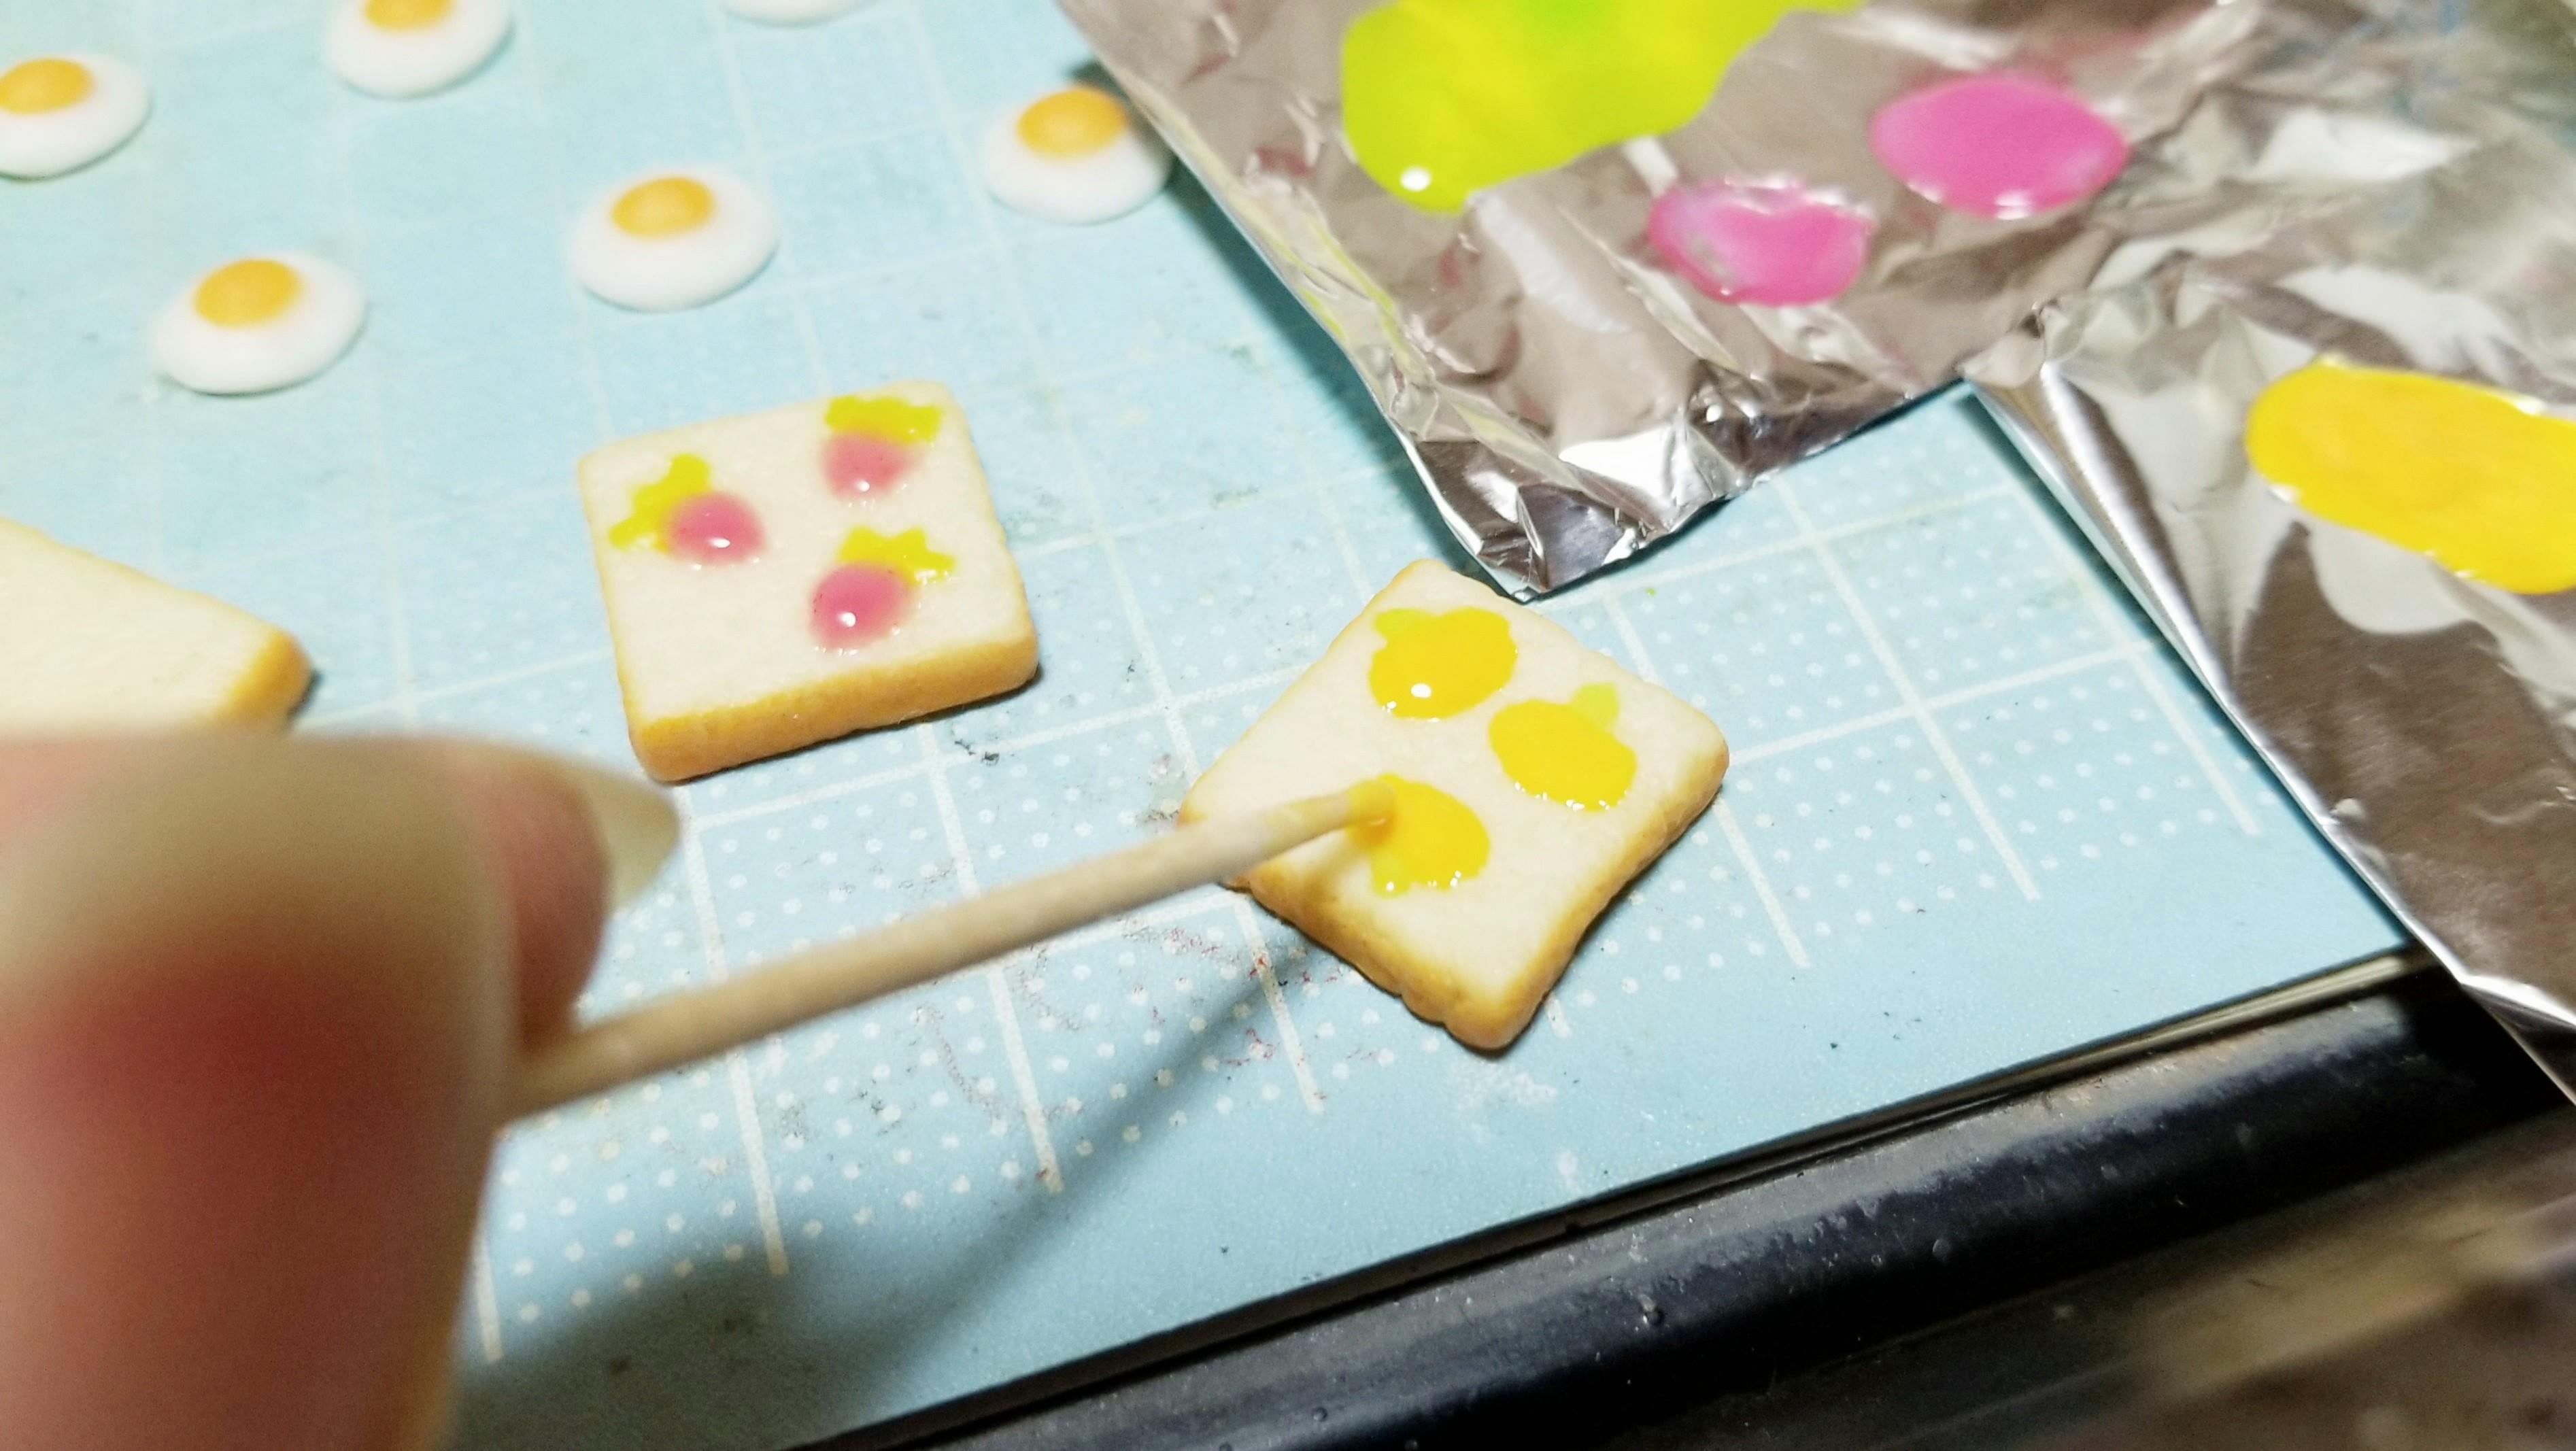 ミニチュアフード作り方食パン柄トースト樹脂粘土ハンドメイドブログ